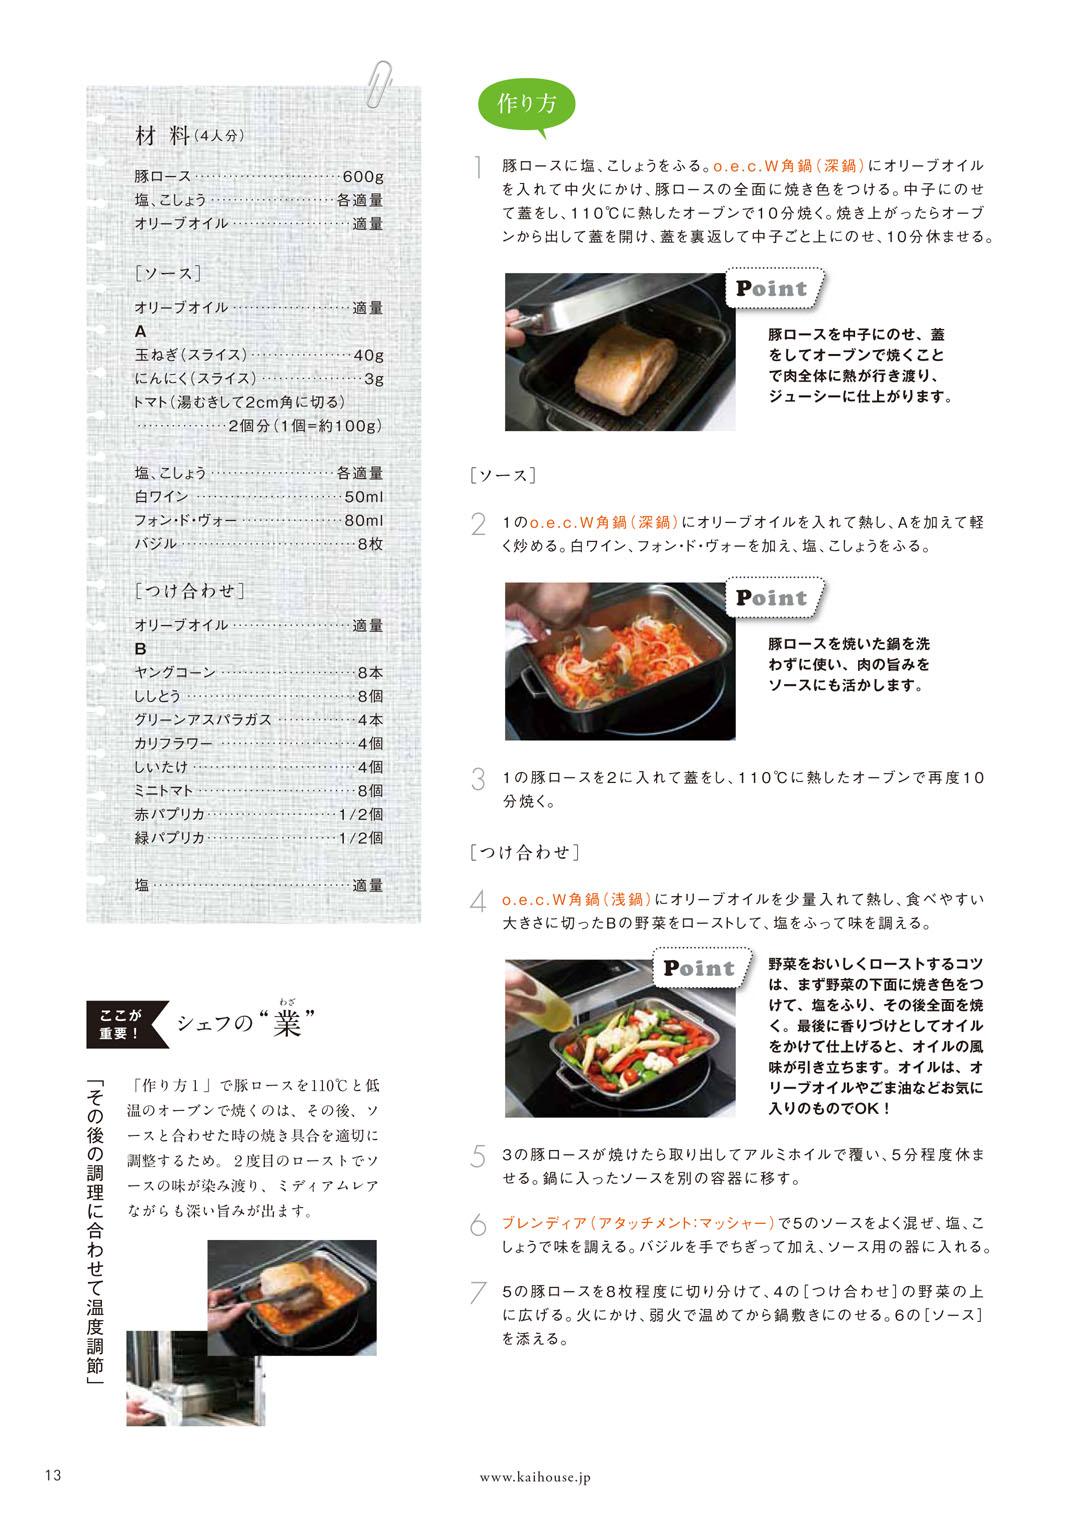 KaiHouse_25_13.jpg